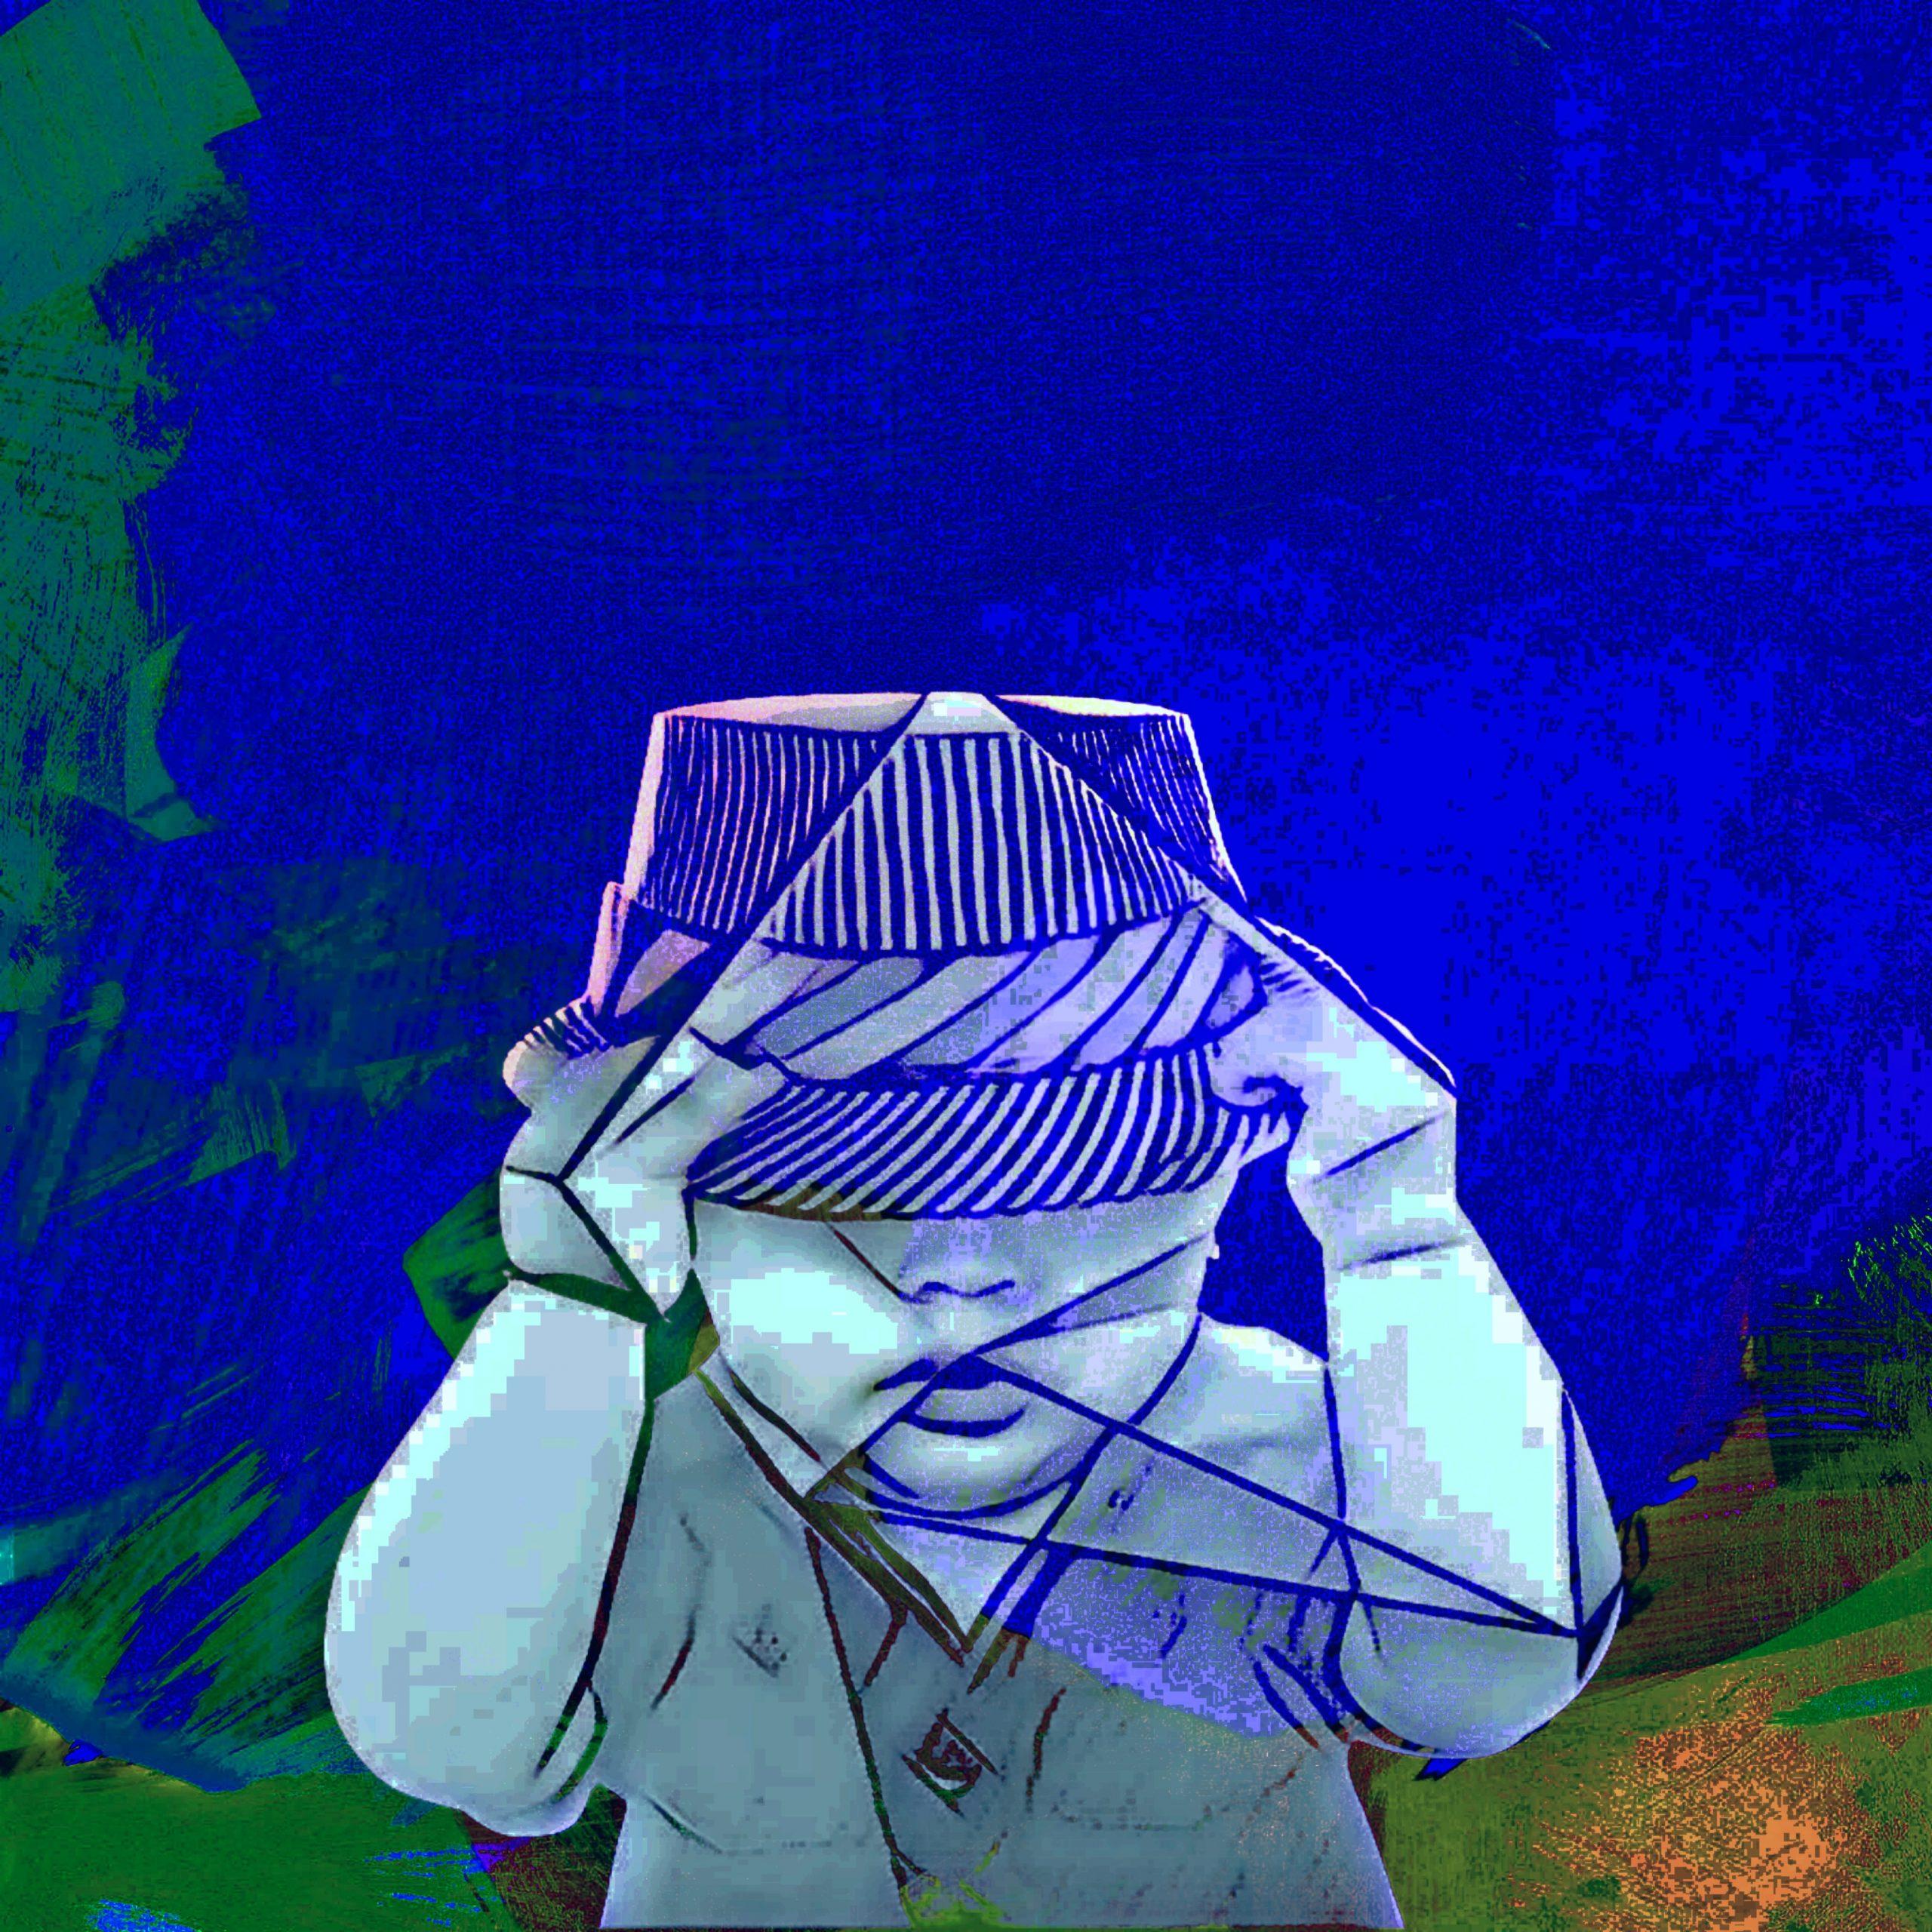 Animated kid illustration